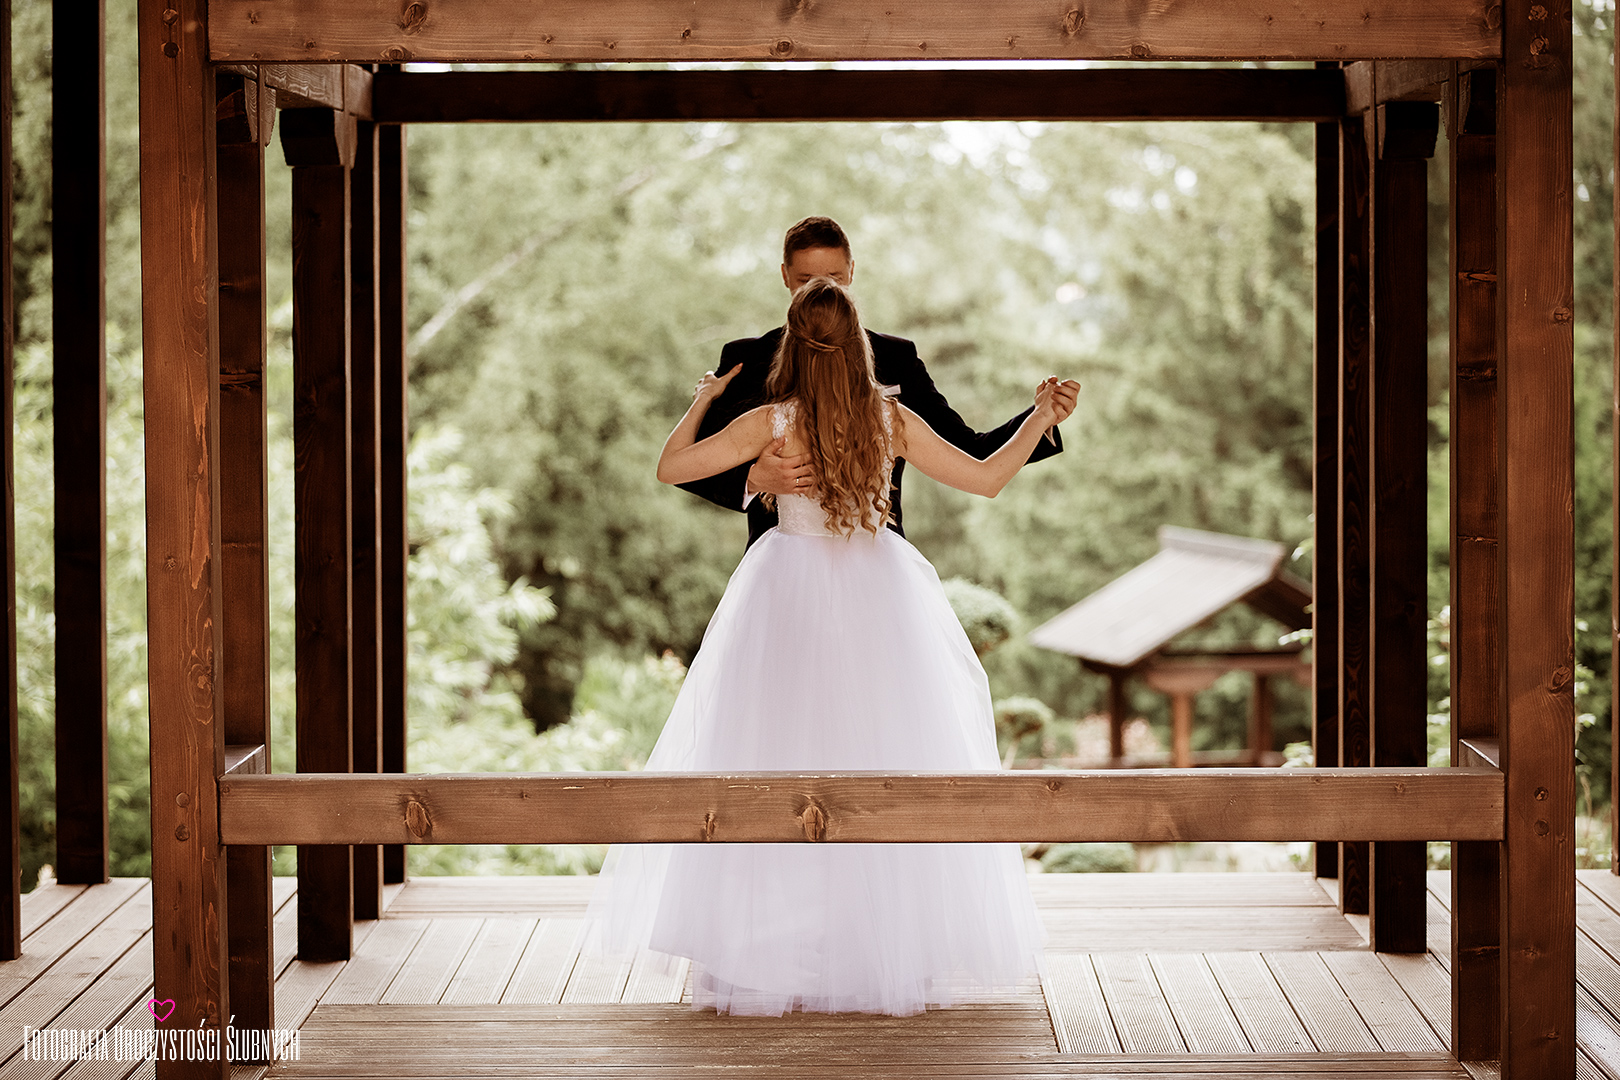 Artystyczne zdjęcia ślubne. Siruwia - ogród japoński w Przesiece koło Jeleniej Góry. Idealne miejsce na piękny plener ślubny. Klaudia Cieplińska - zdjęcia ślub Jelenia Góra